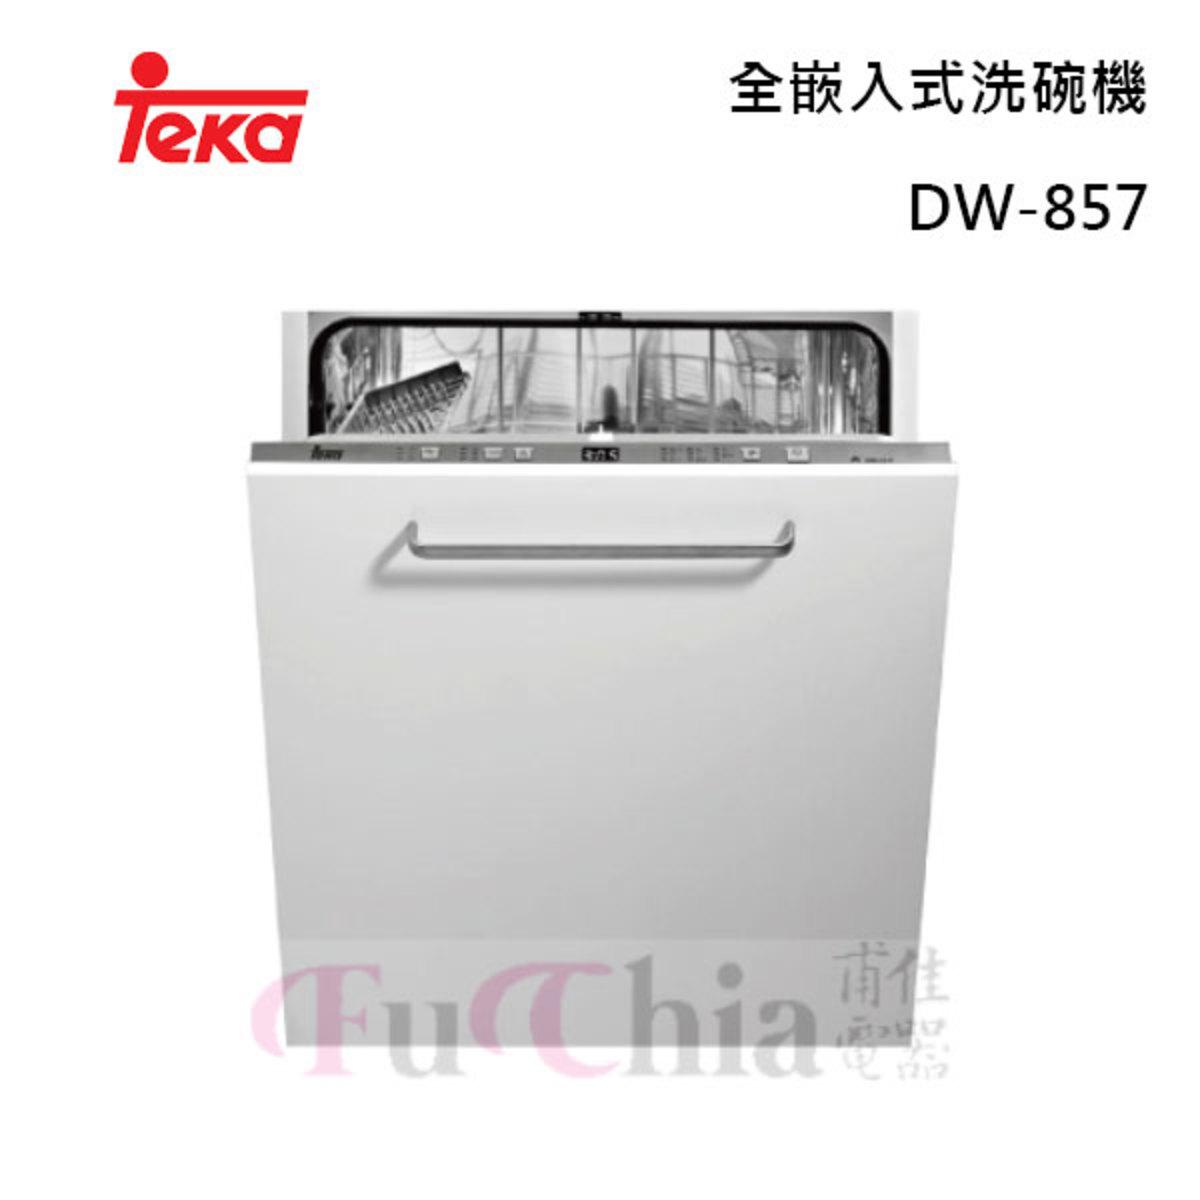 teka DW-857 全嵌入式 洗碗機 13人份